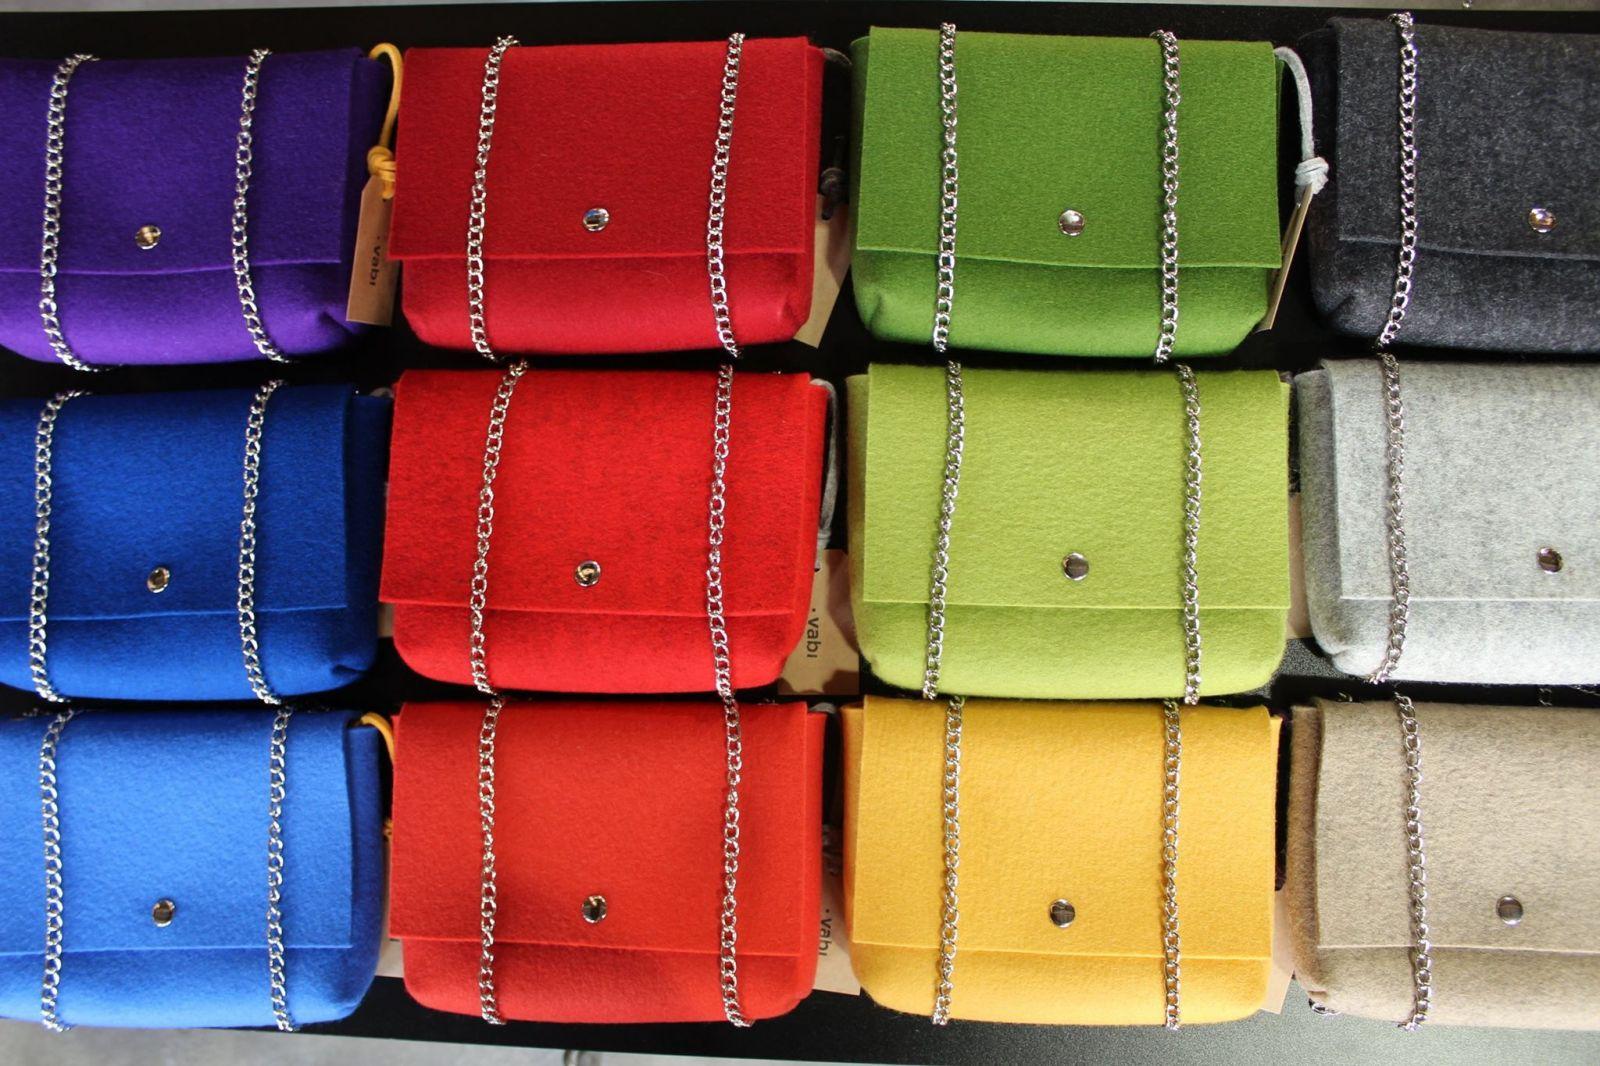 модные сумки 2019 купить сумку украина все свои Vabi